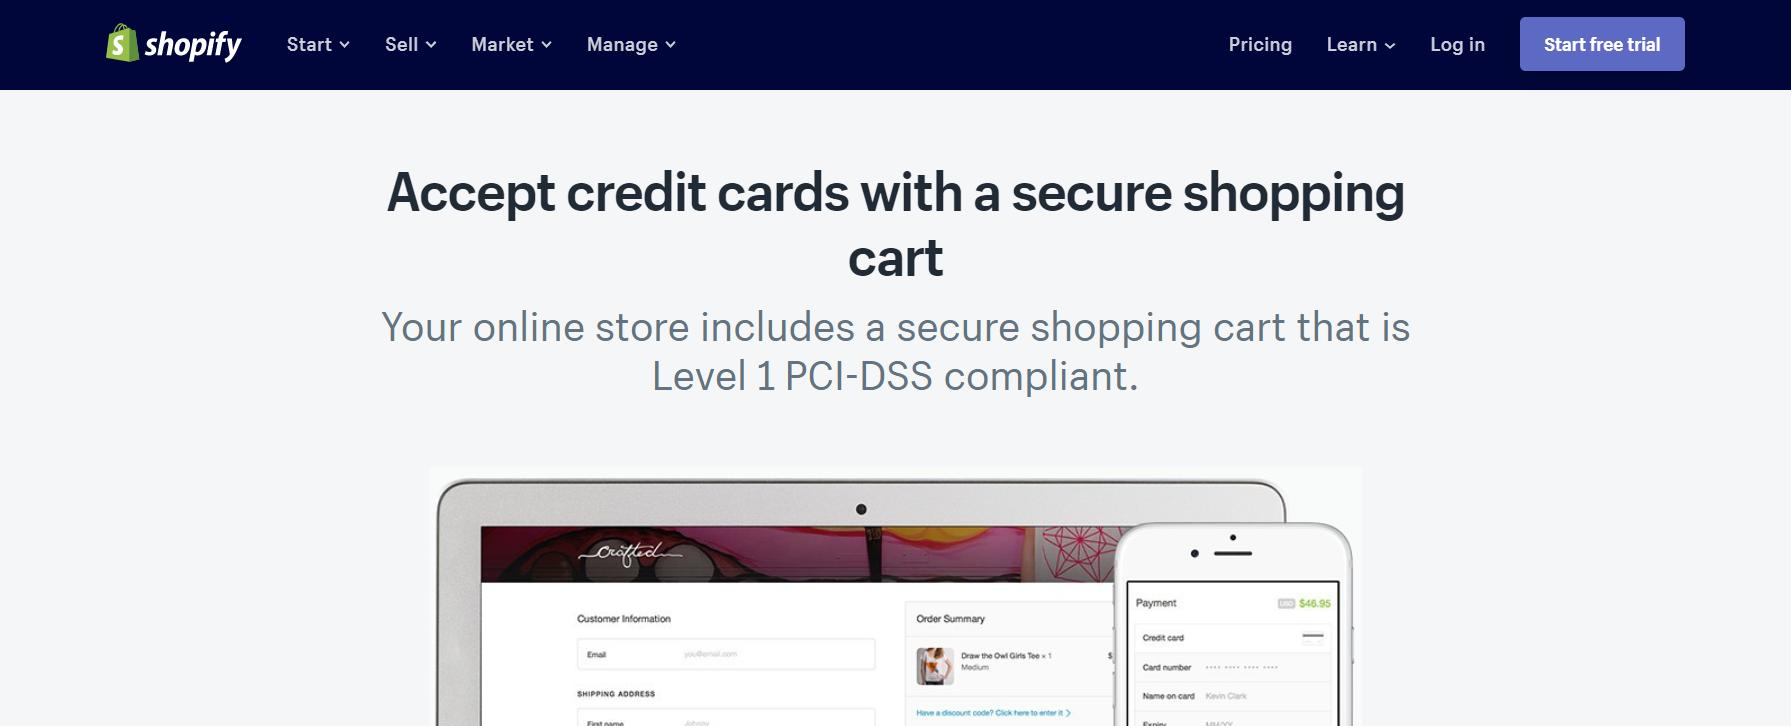 shopify shopping cart software